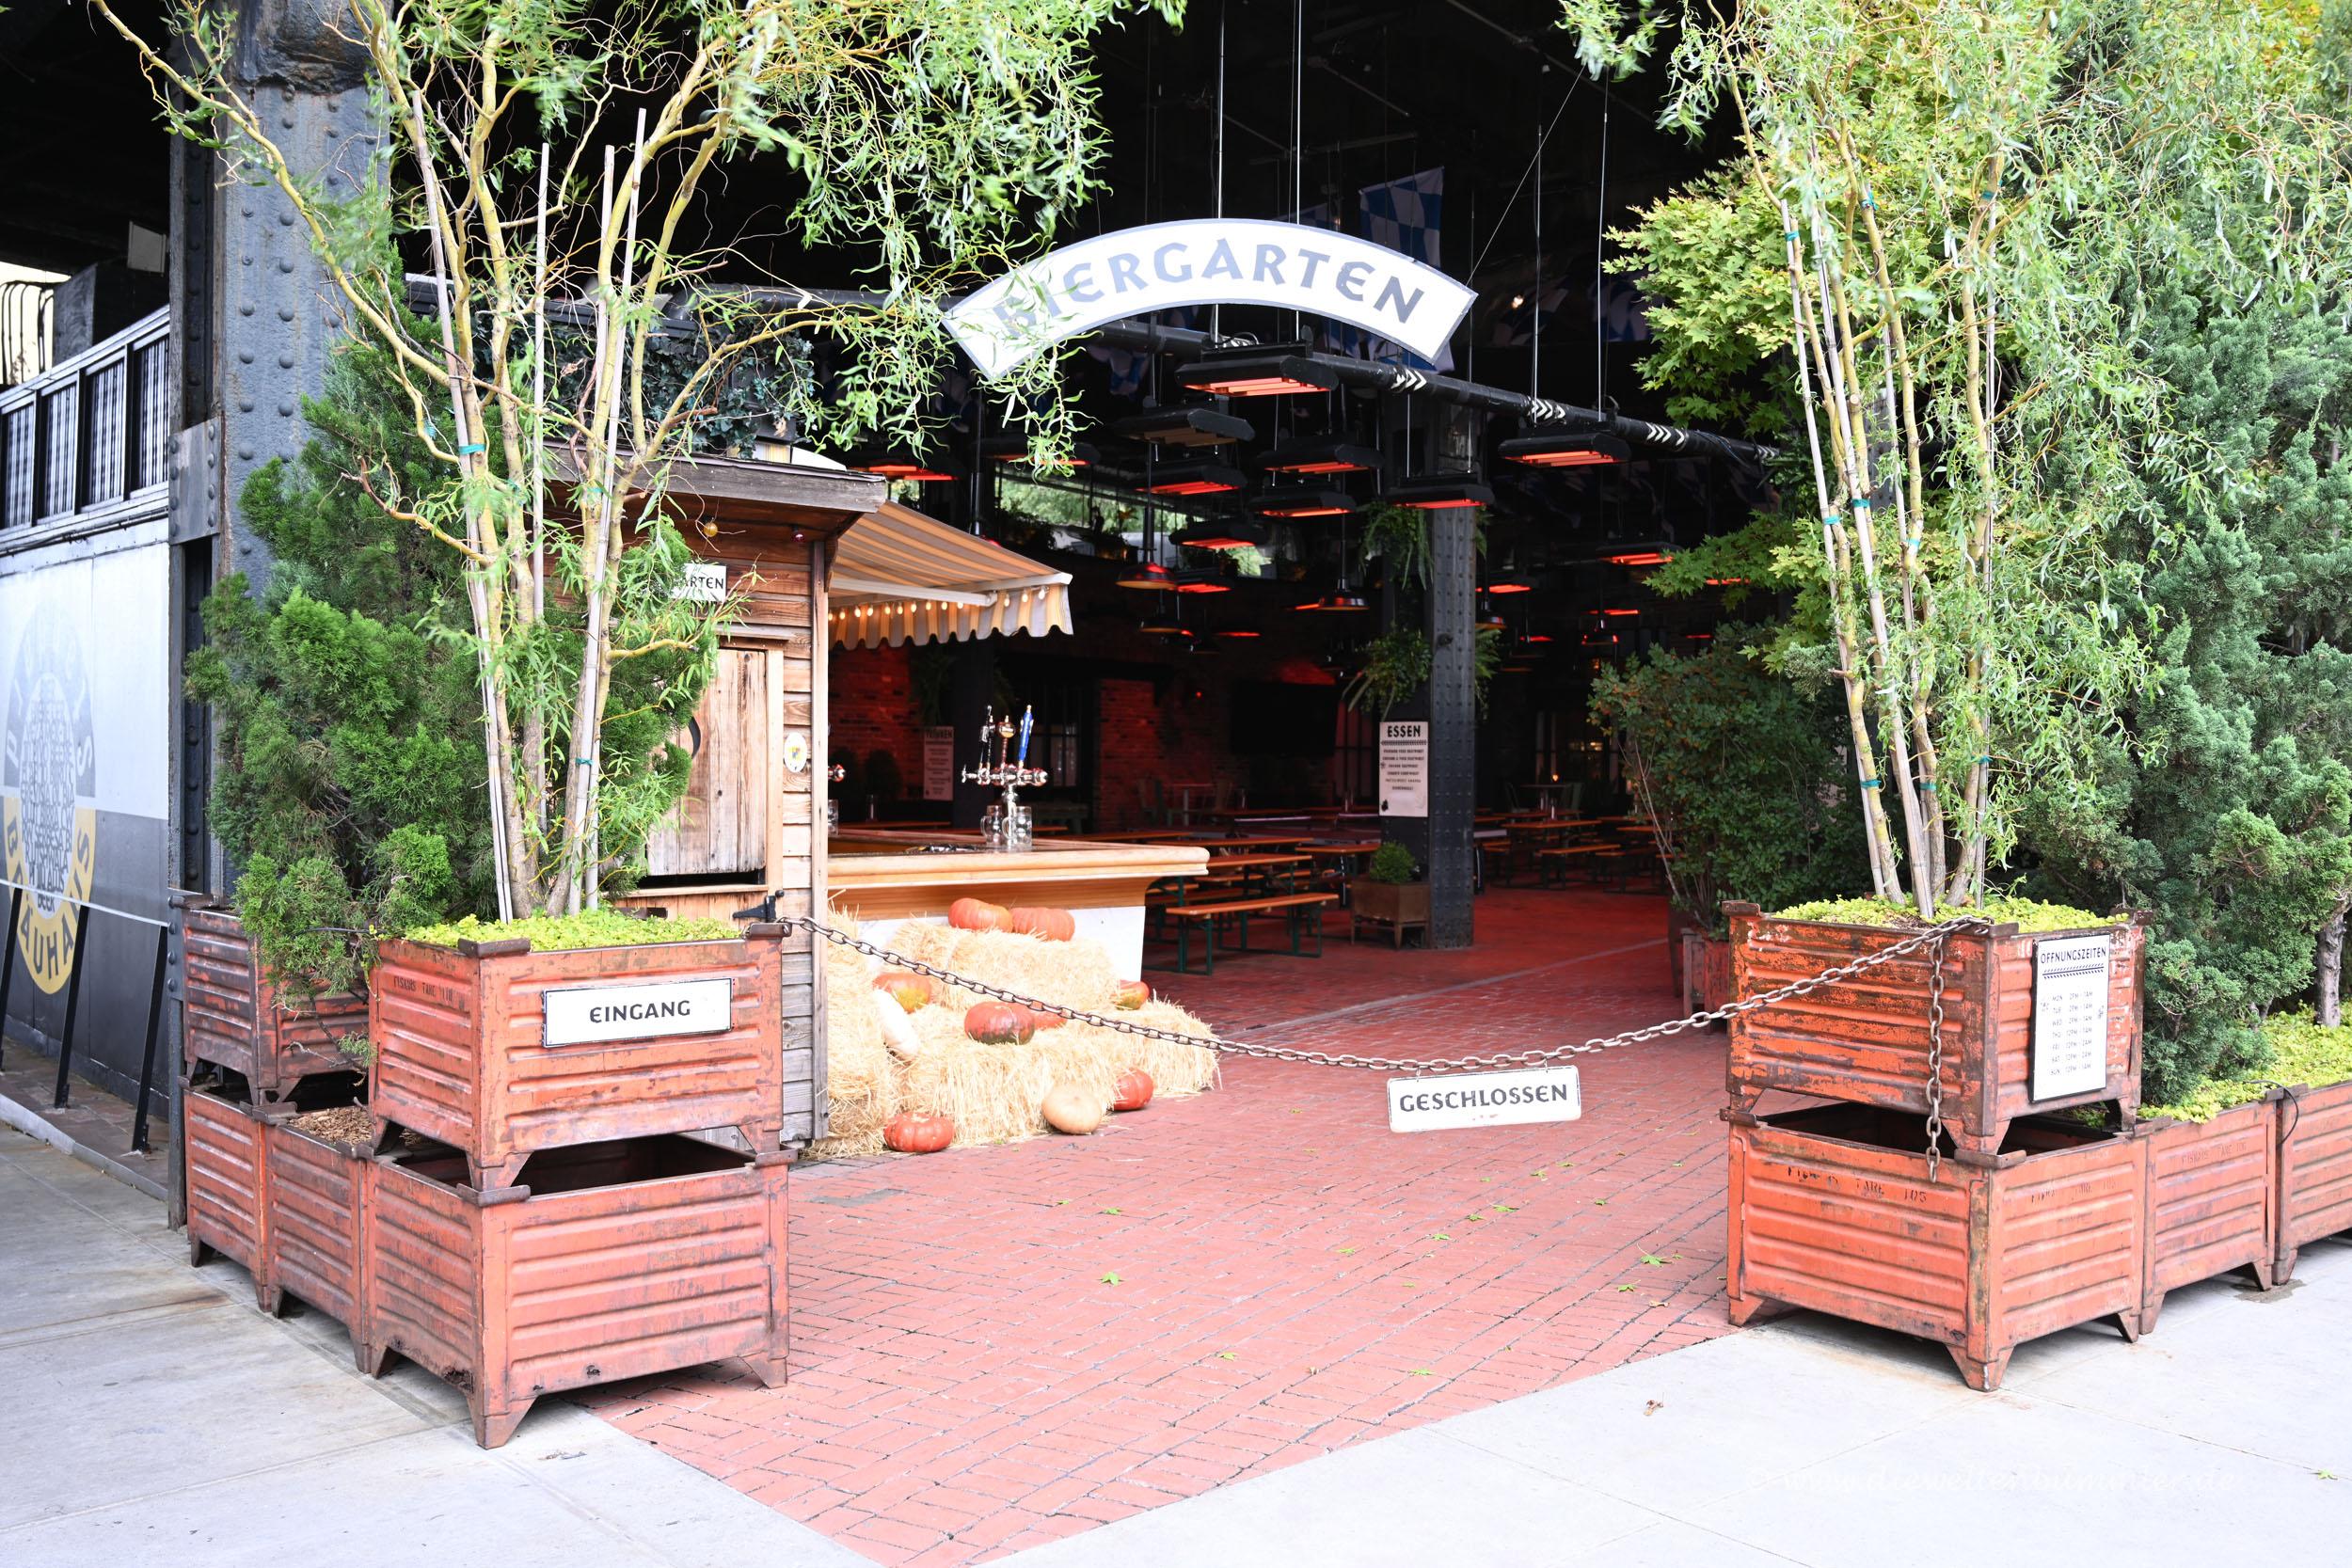 Deutscher Biergarten in New York